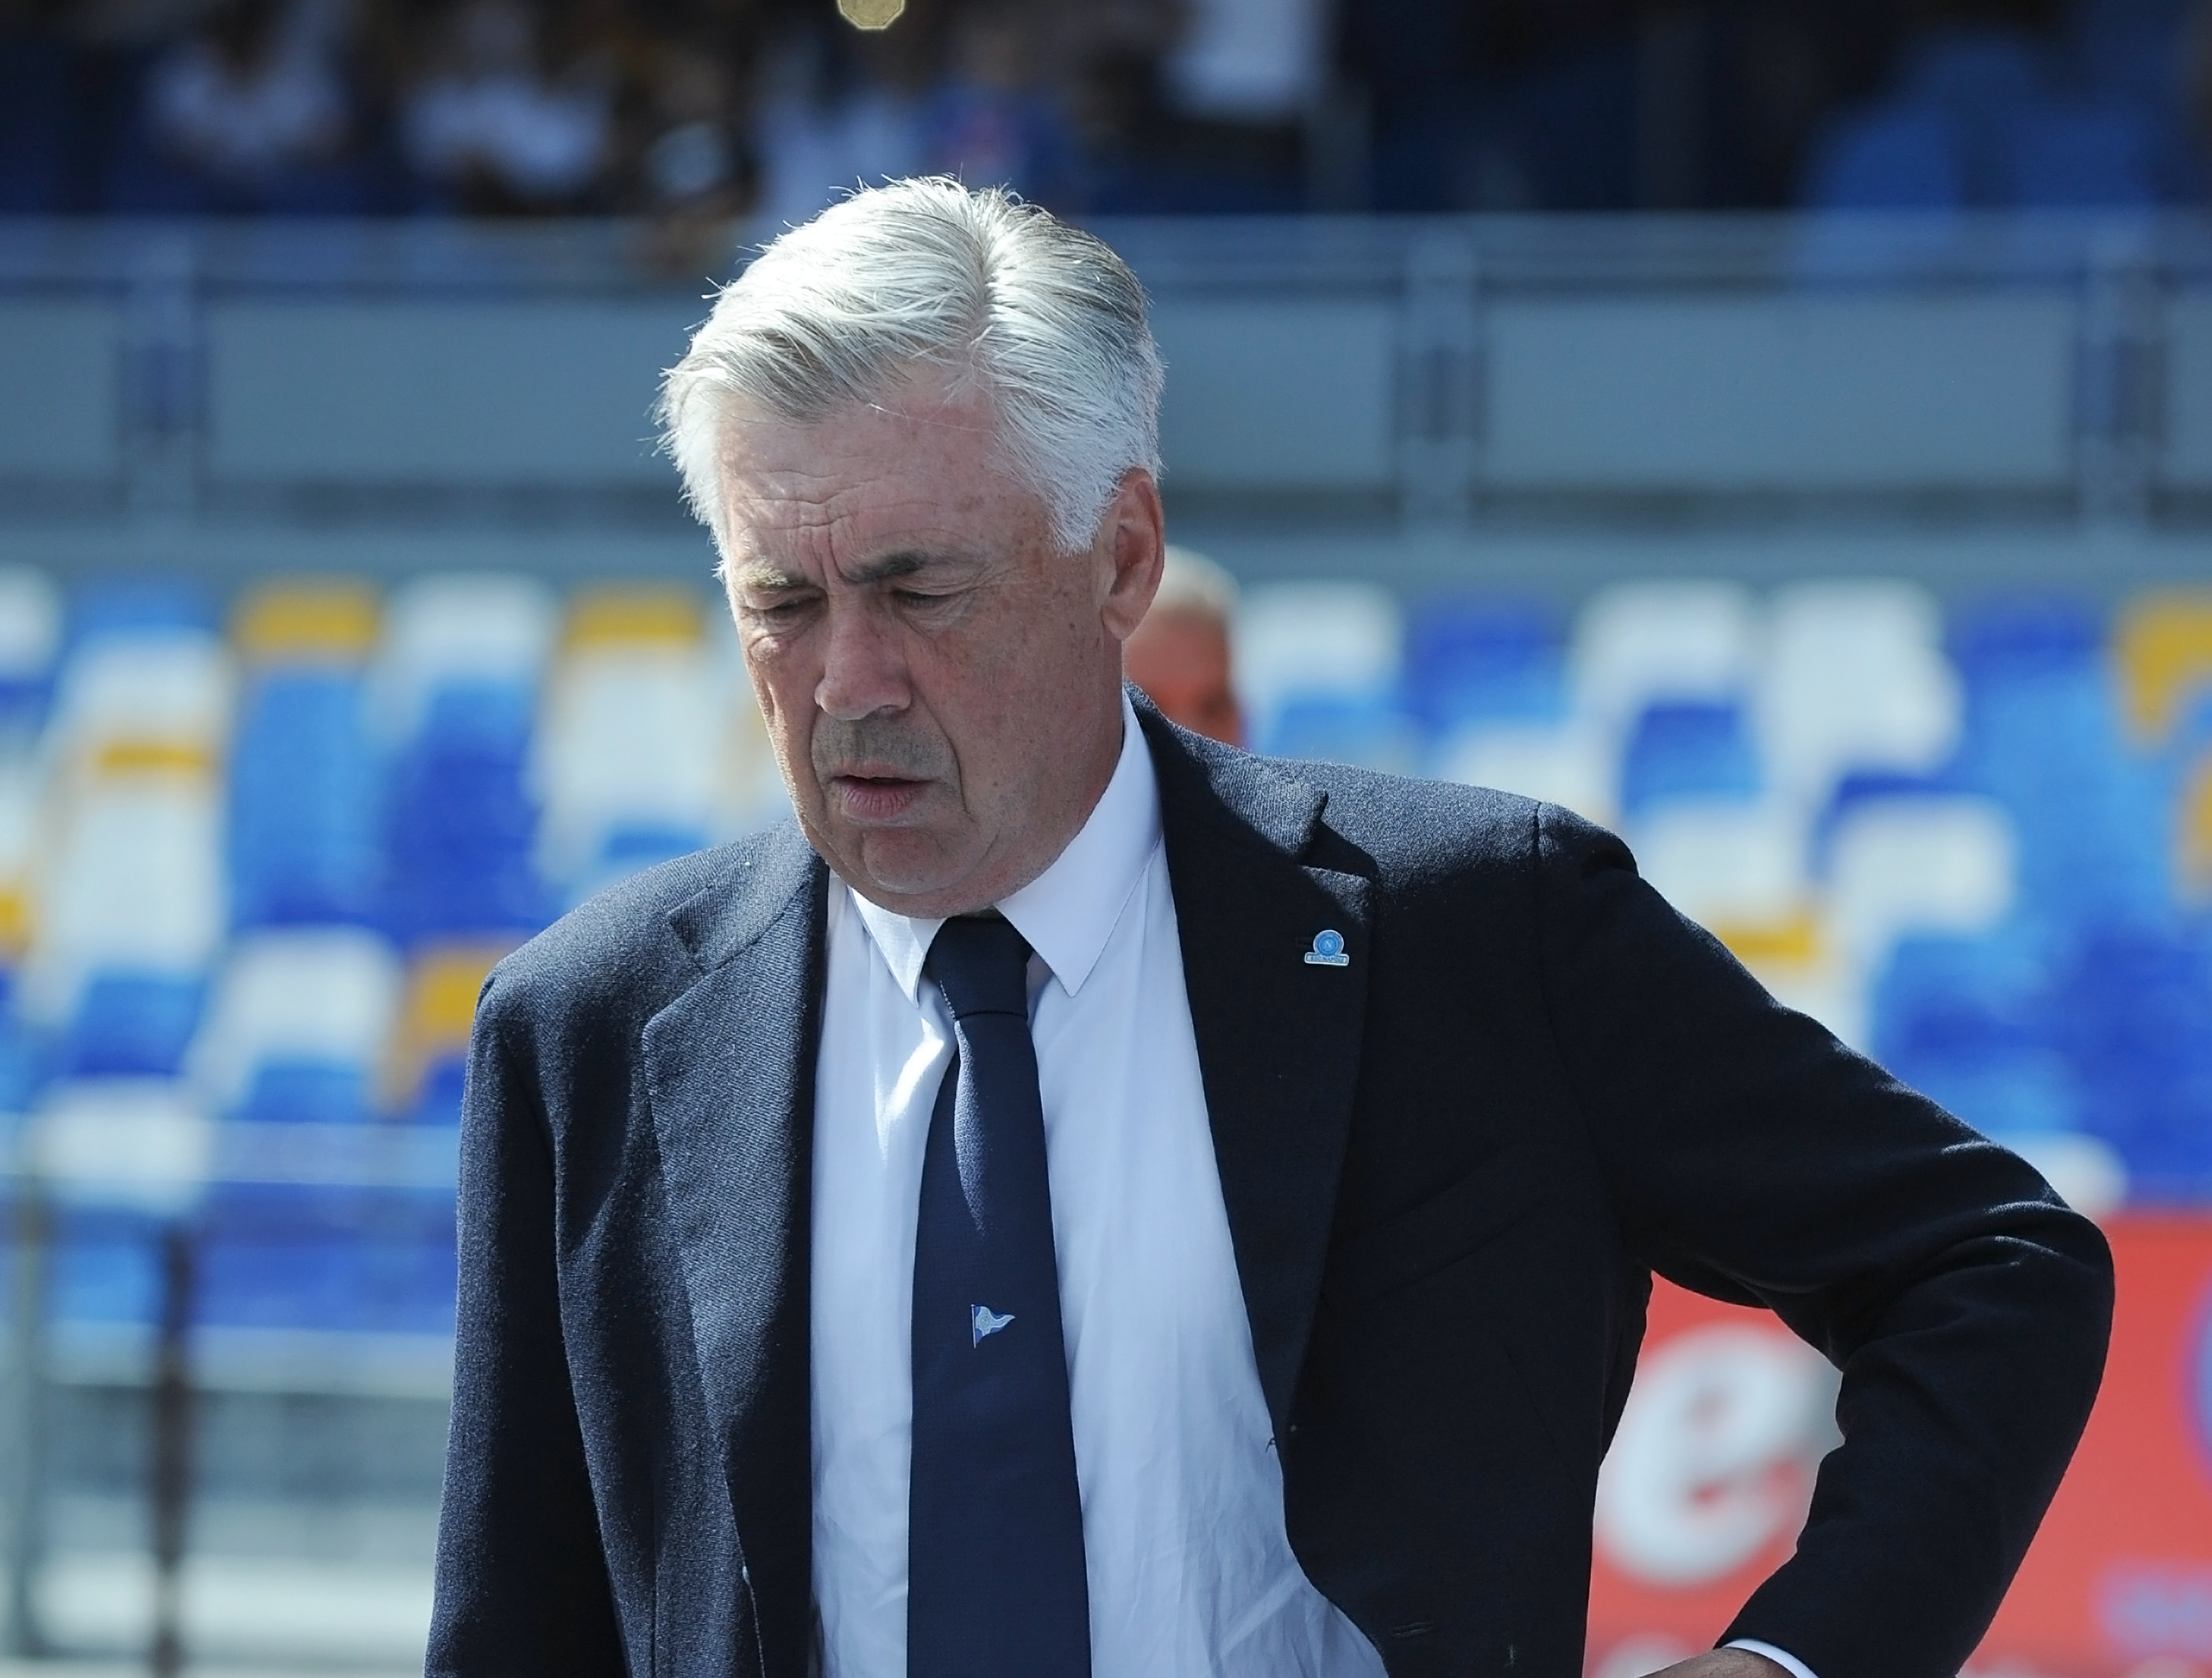 Calcio Napoli, Ancelotti: Con Salisburgo ci giochiamo tanto,voglio coraggio